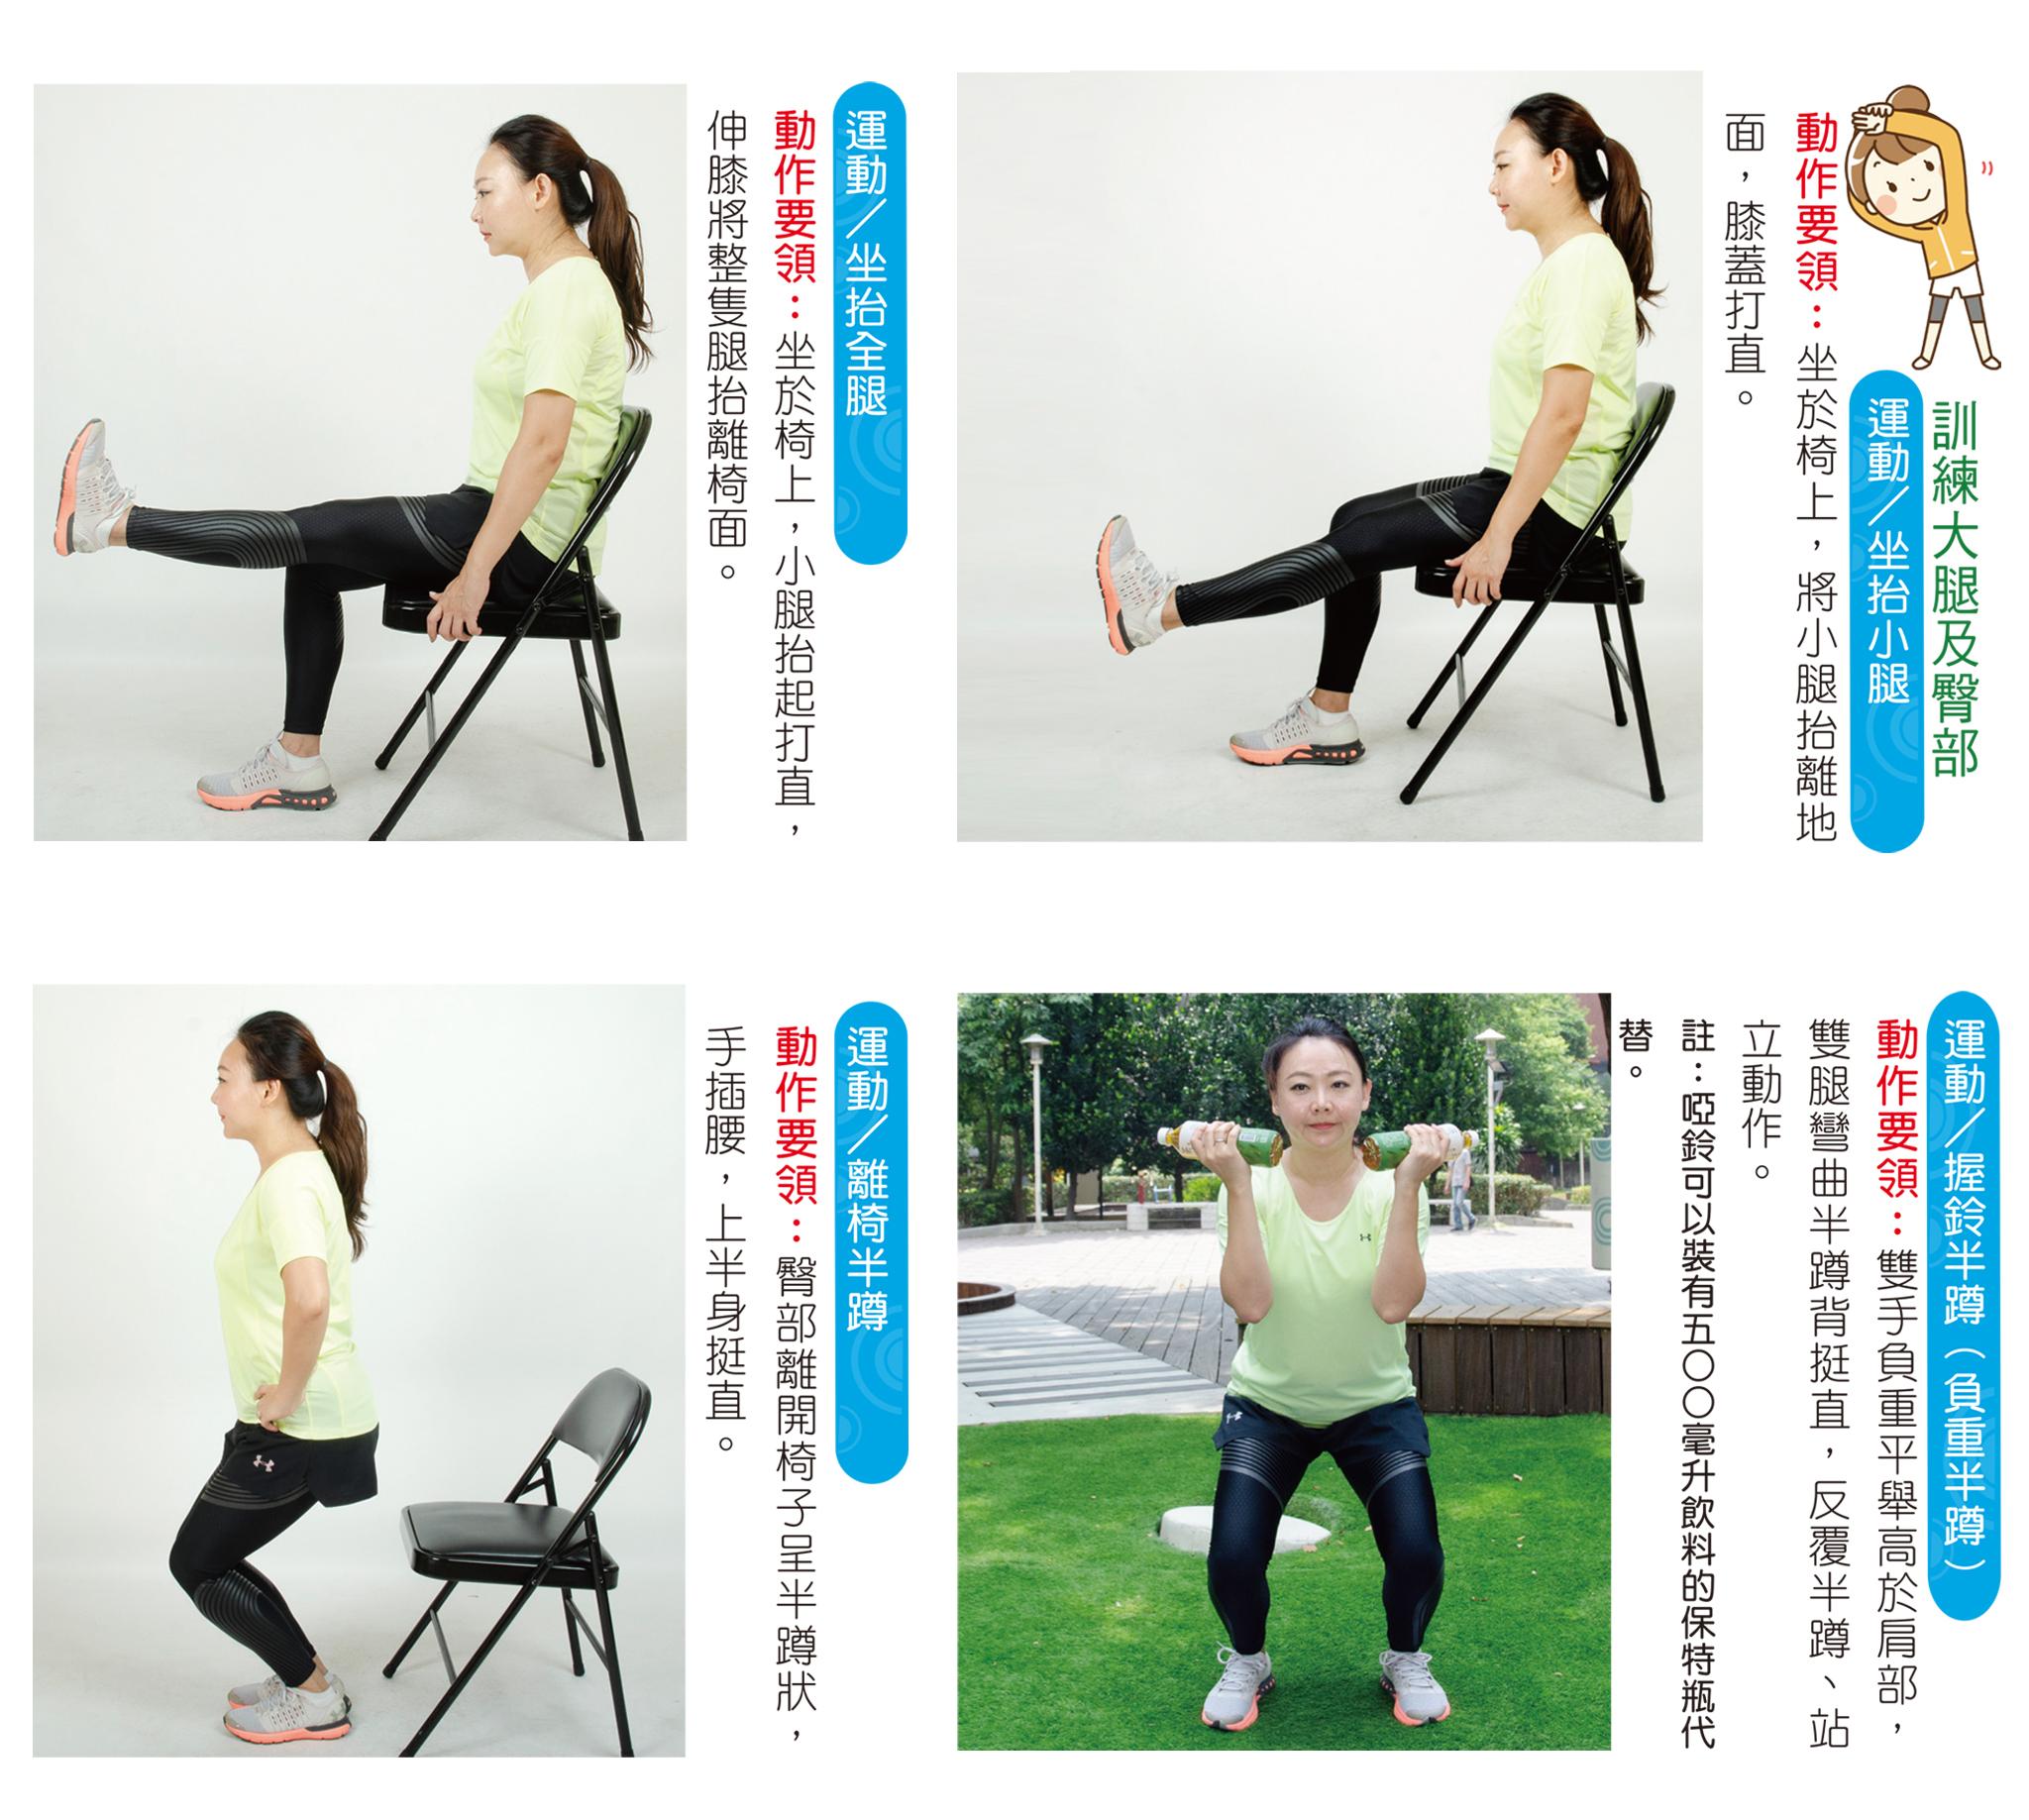 訓練大腿及臀部。